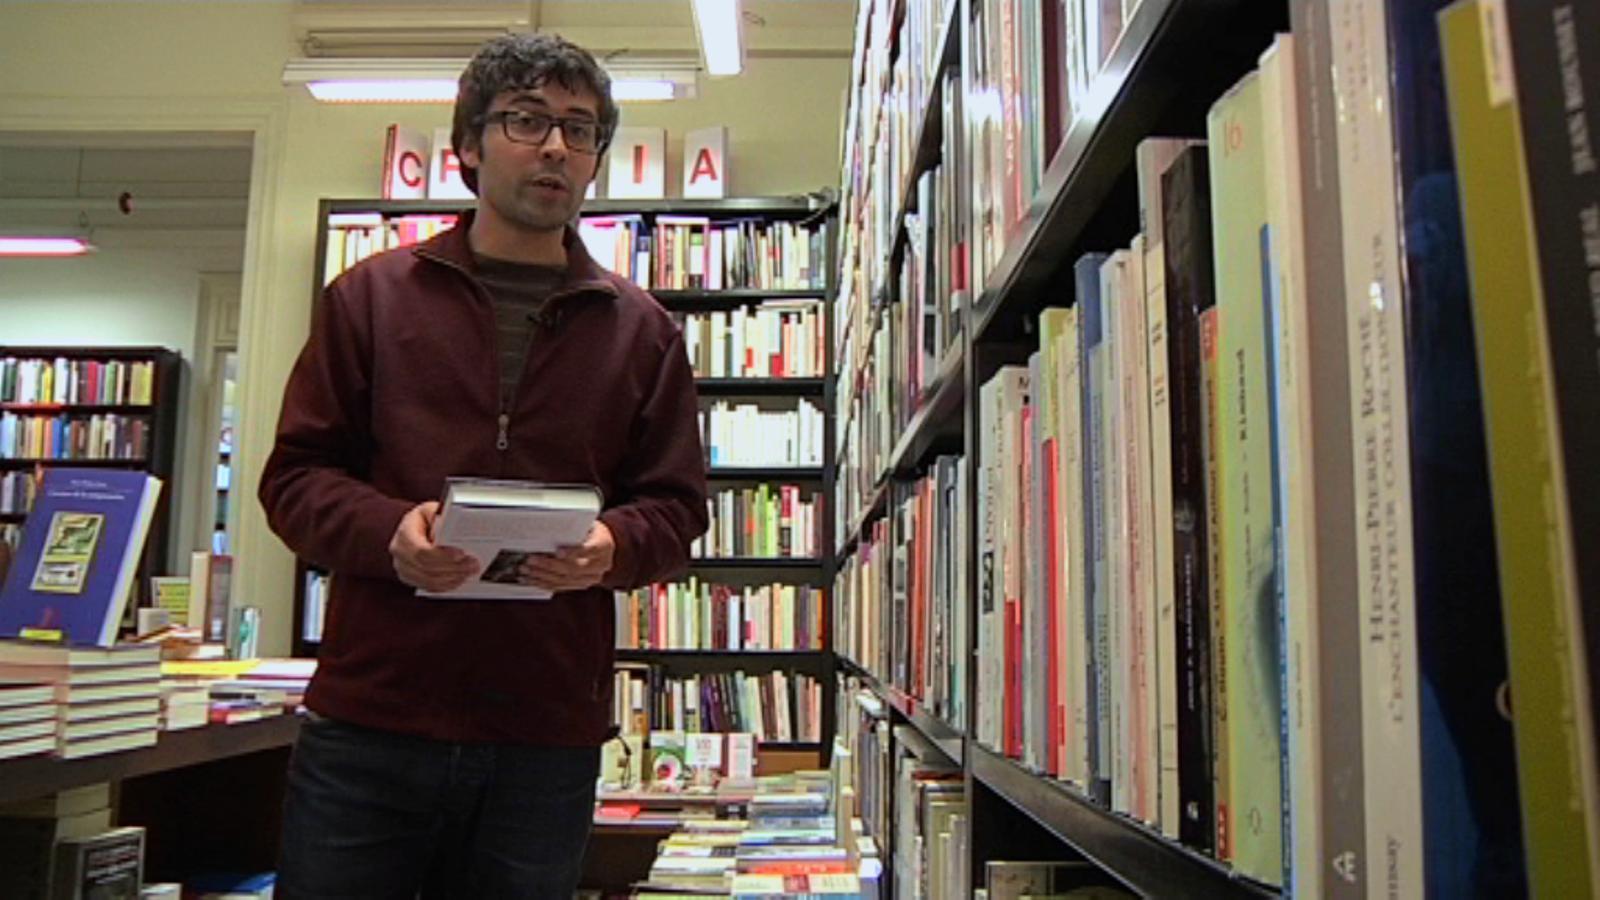 Les propostes de l'Ara Llegim per Sant Jordi (2): 5 obres d'assaig i memòries